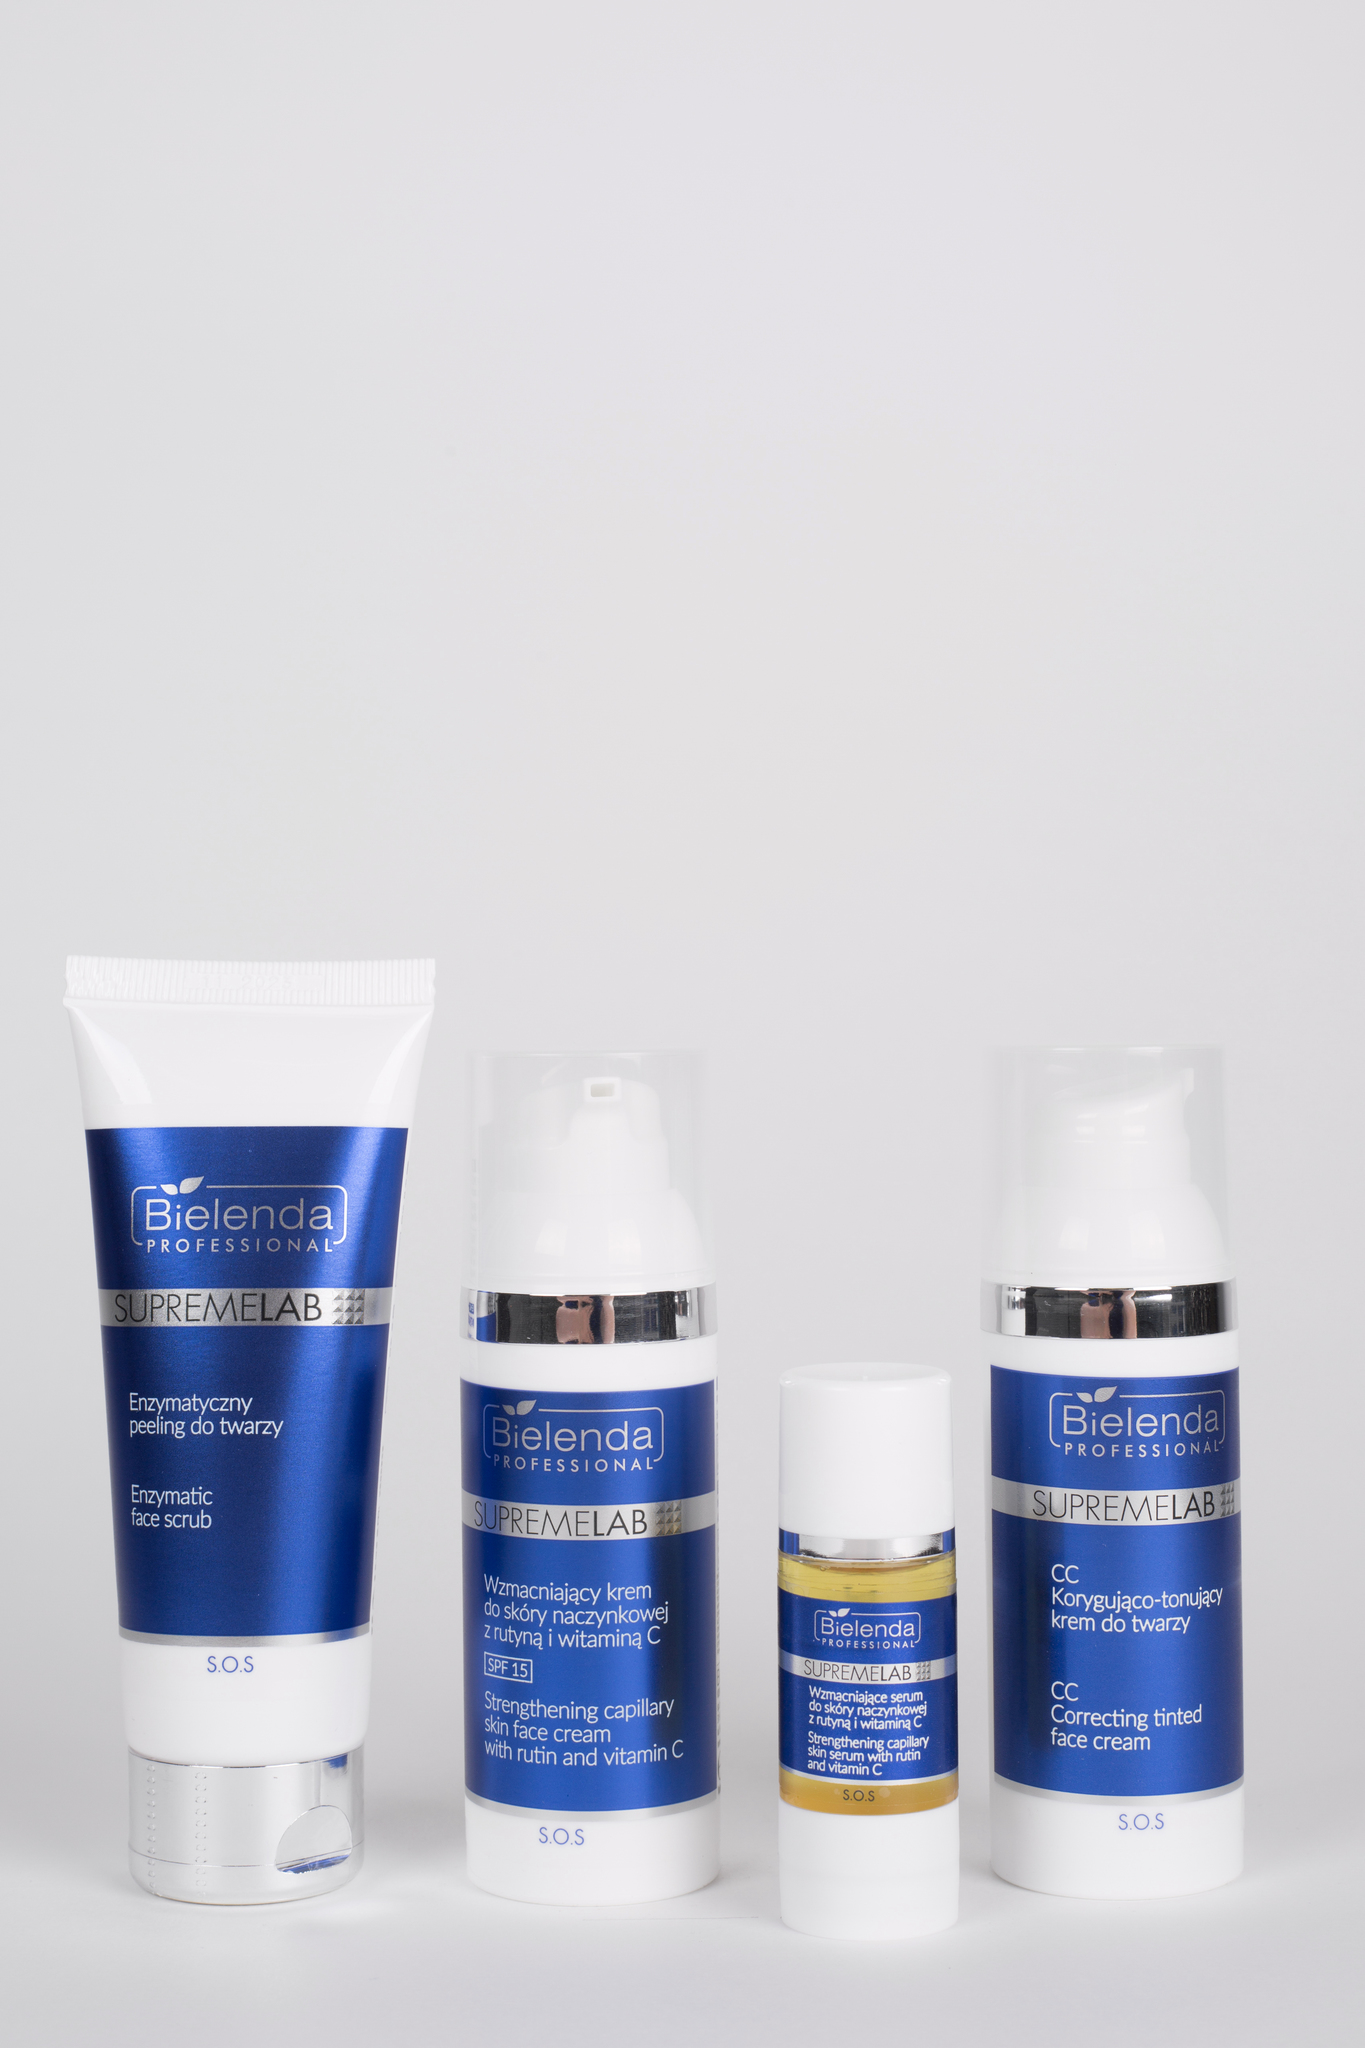 S.O.S Укрепляющий крем для куперозной кожи с рутином и витамином С SPF 15, 50 мл.